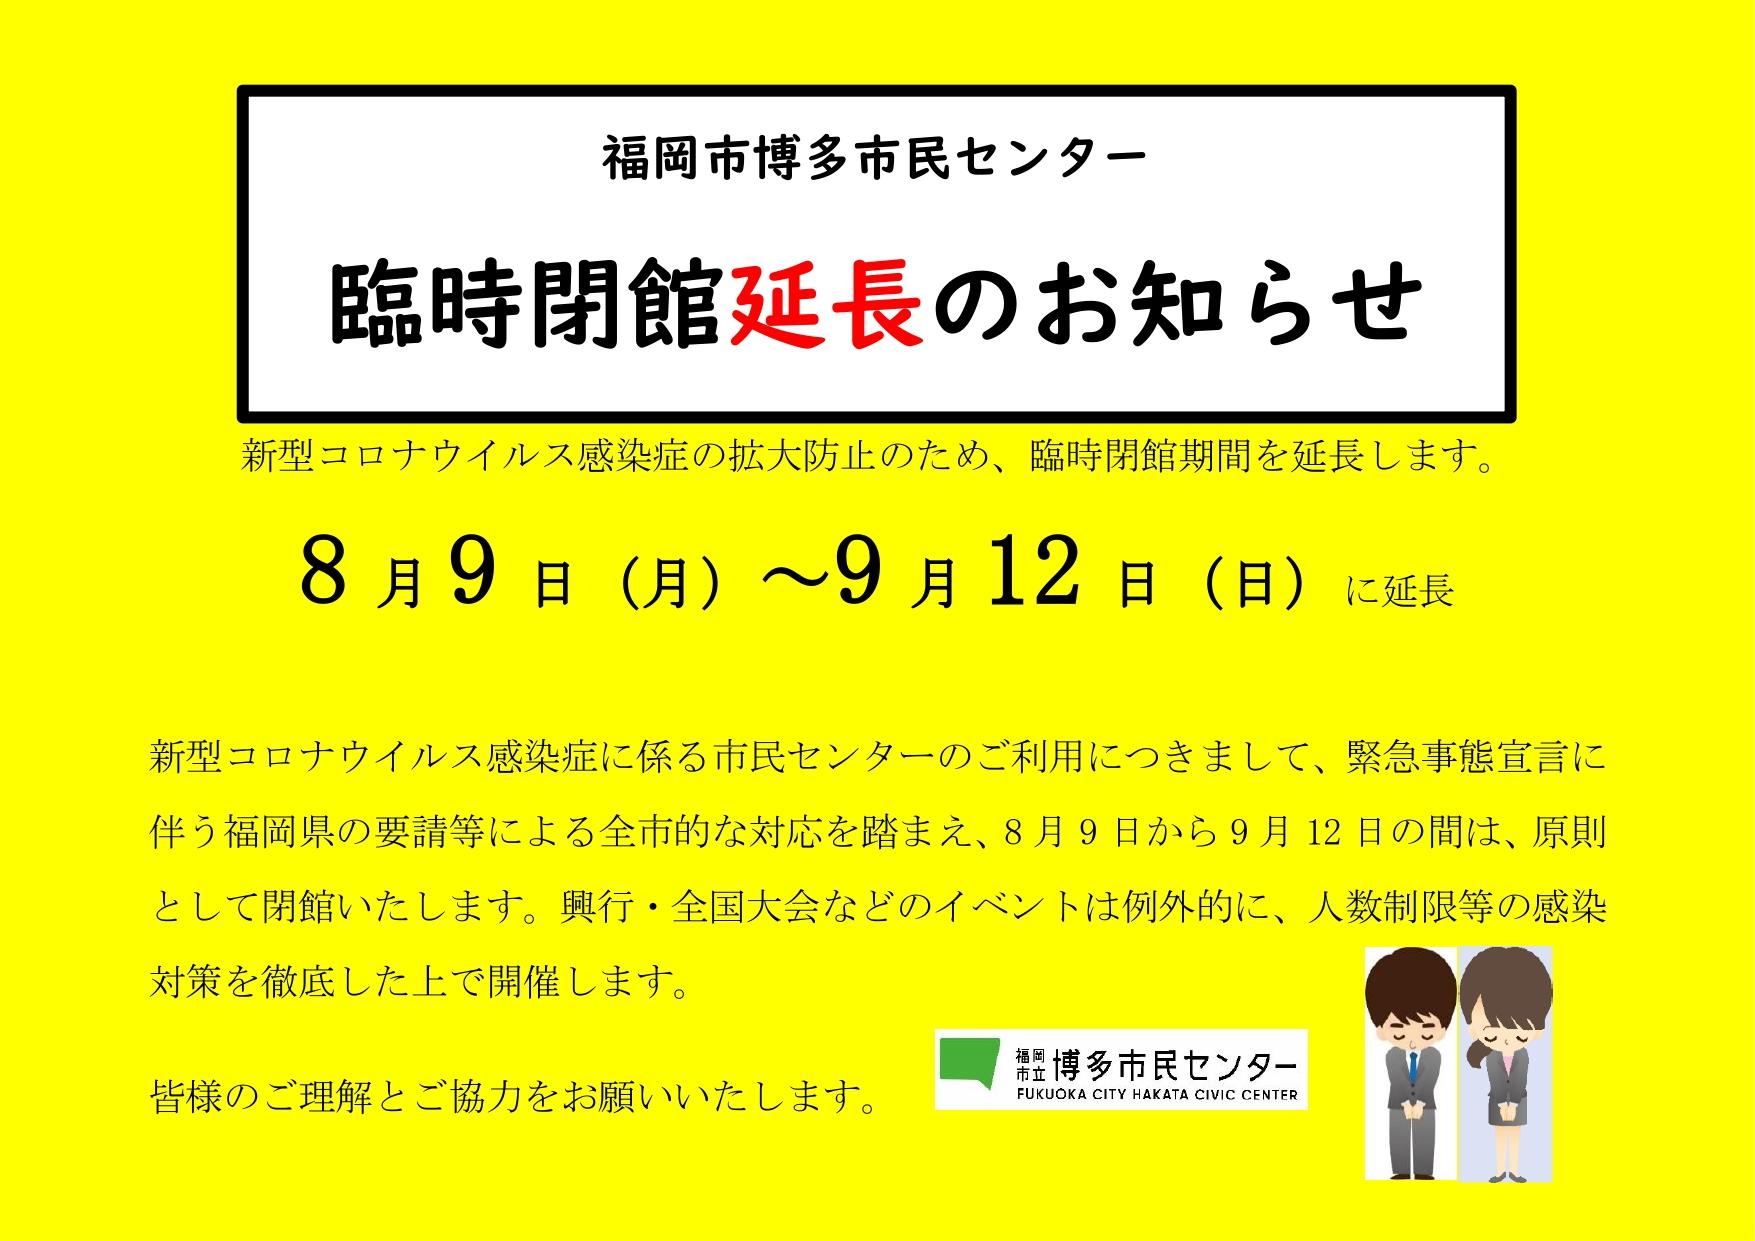 【延長】8月9日(月)~9月12日(日) 臨時閉館のお知らせ